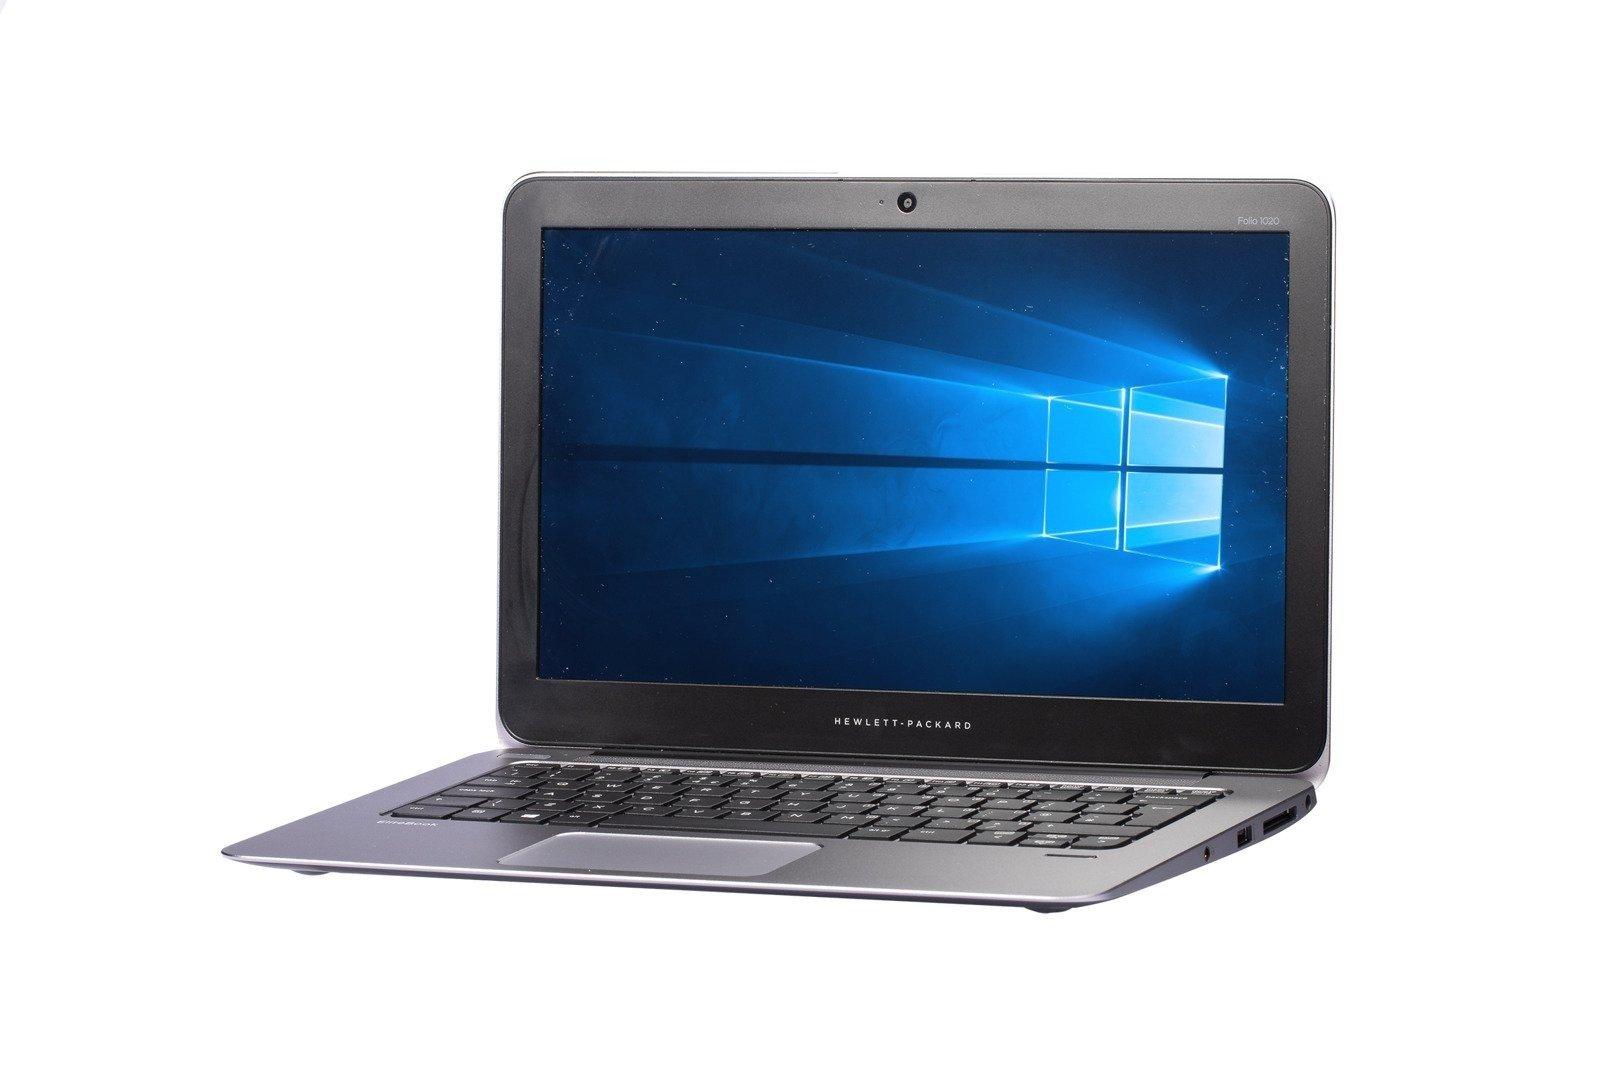 Notebook HP EliteBook 1030 G1 13.3 FHD M5-6Y54 8GB 128GB Windows 10 Professional